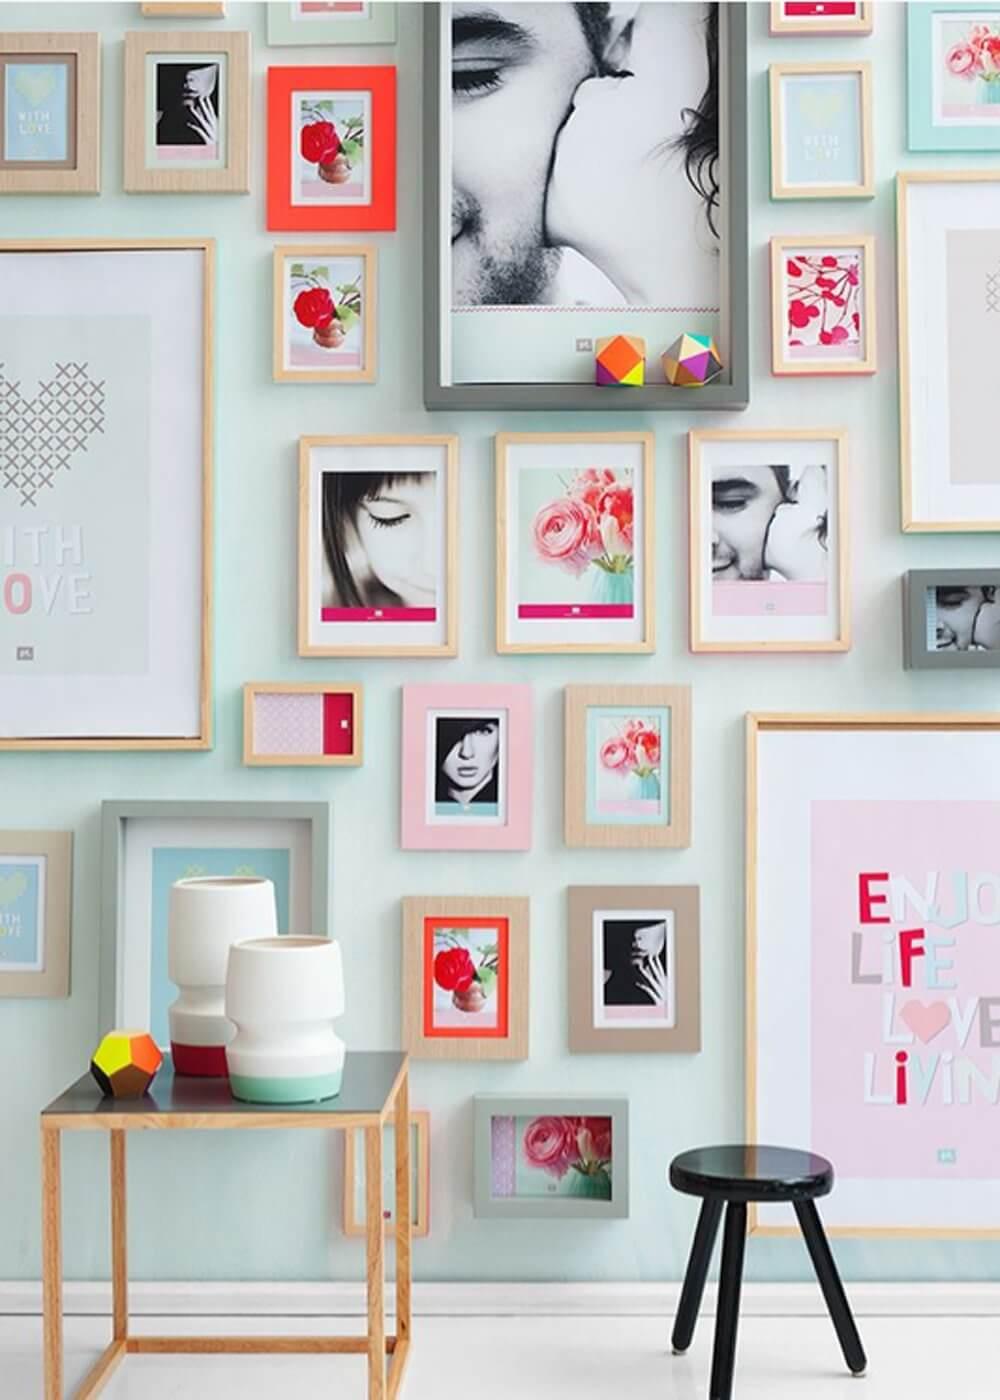 Poner muchos cuadros en la pared